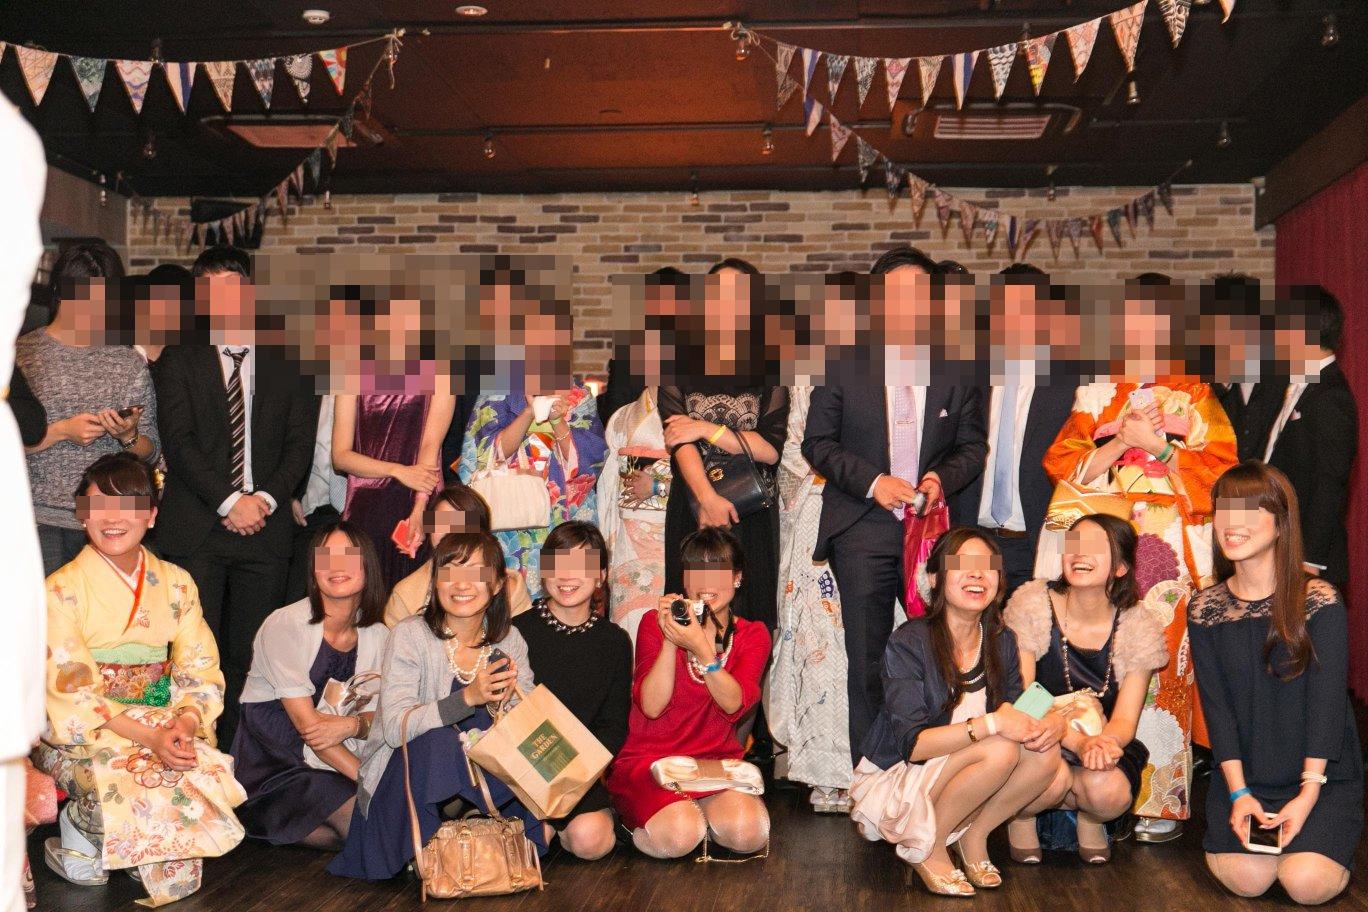 【パンチラエロ画像】ミニスカ女子が前列だから当然…半永久的に丸見えな記念写真パンチラwww 23